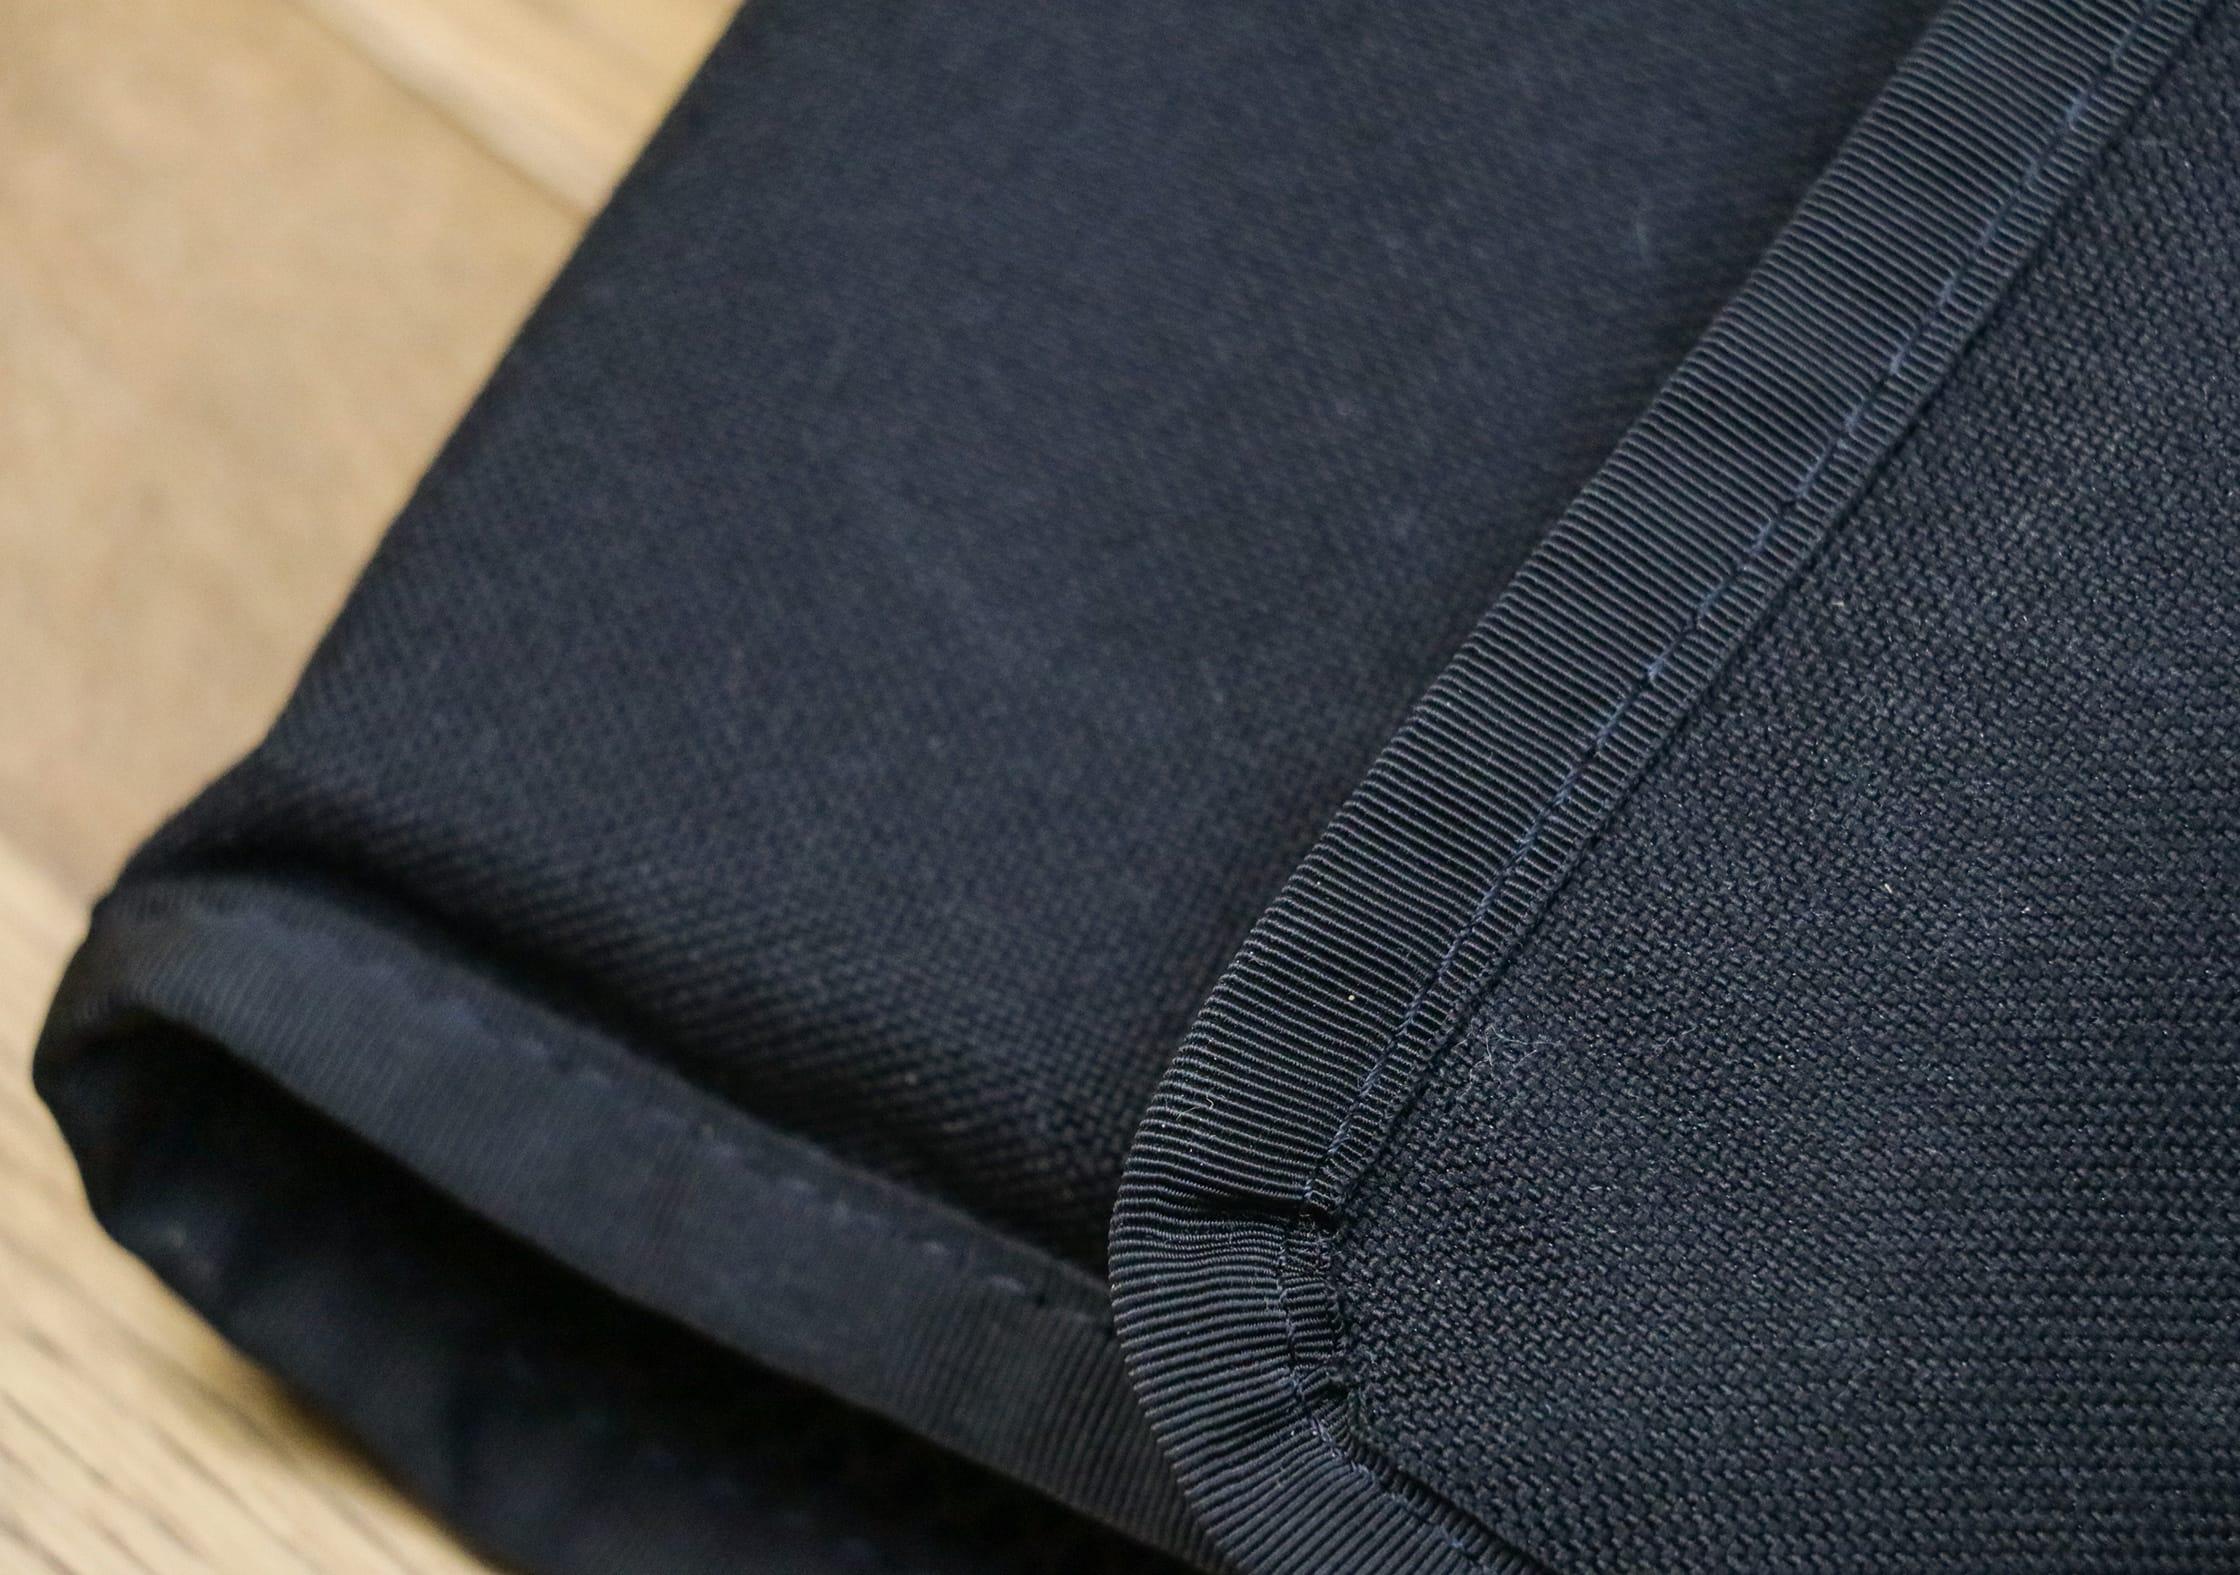 500D Nylon Material